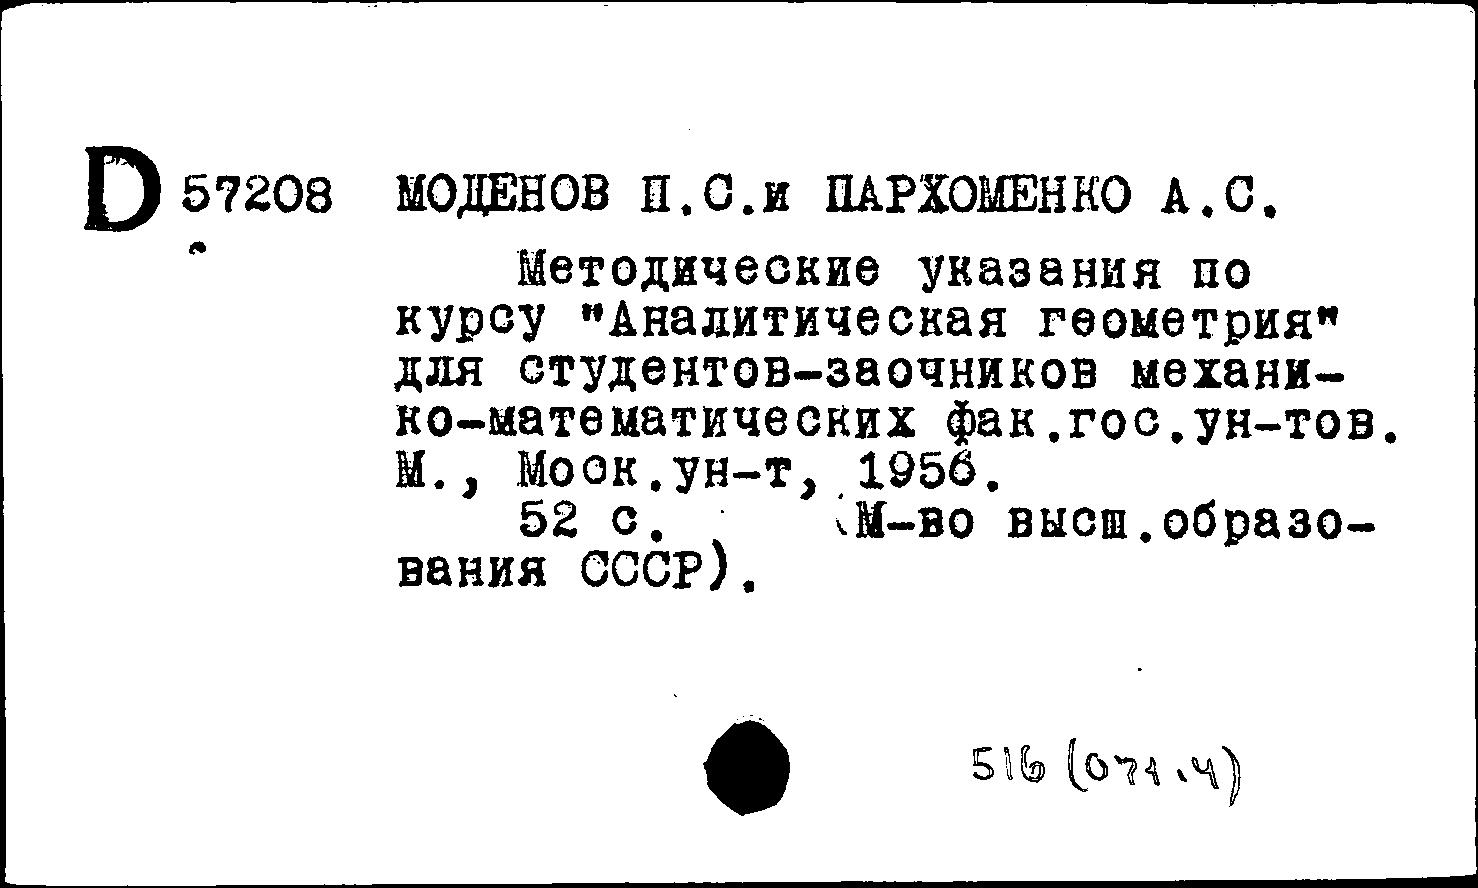 Решебник моденов и пархоменко